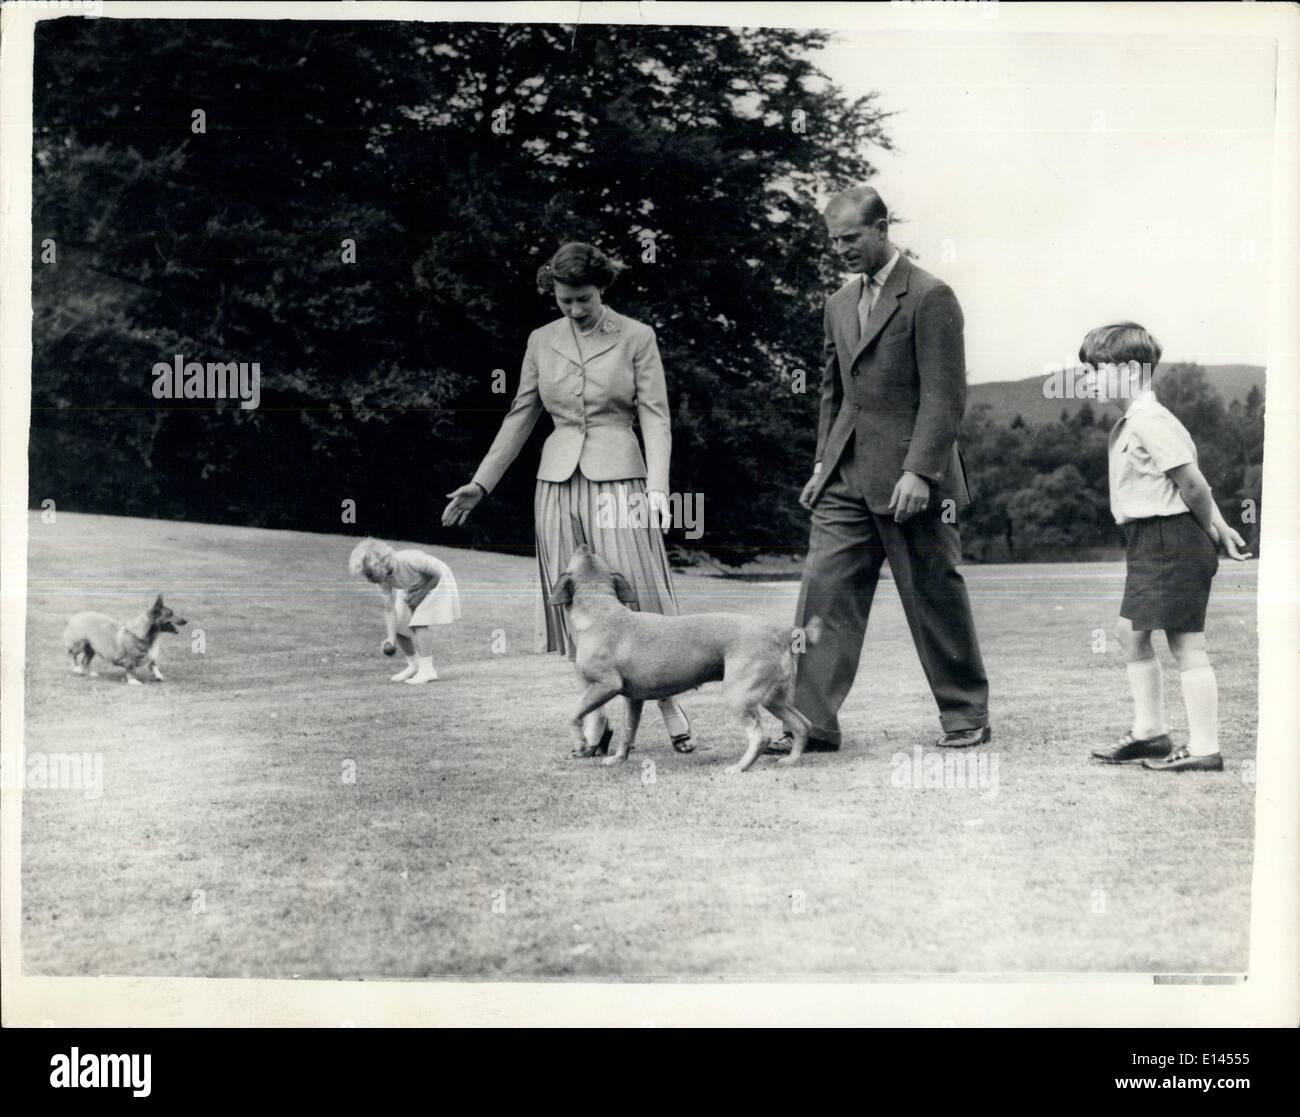 Avril 04, 2012 - Ne pas publier avant septembre 16e soirée 55. Embargo s'applique à tous les compter~ies. La famille royale à Balmoral. Amusements avec les Corgis: la princesse Anne tente l'Corgi de la Reine ''Sugar'' avec une balle et le duc d'Édimbourg le chien ''candy'' regarde la Reine Elizabeth comme la famille royale à pied dans le parc du château de Balmoral - le Domaine Royal sur Desside, West Aberdeen shire. Photo Stock